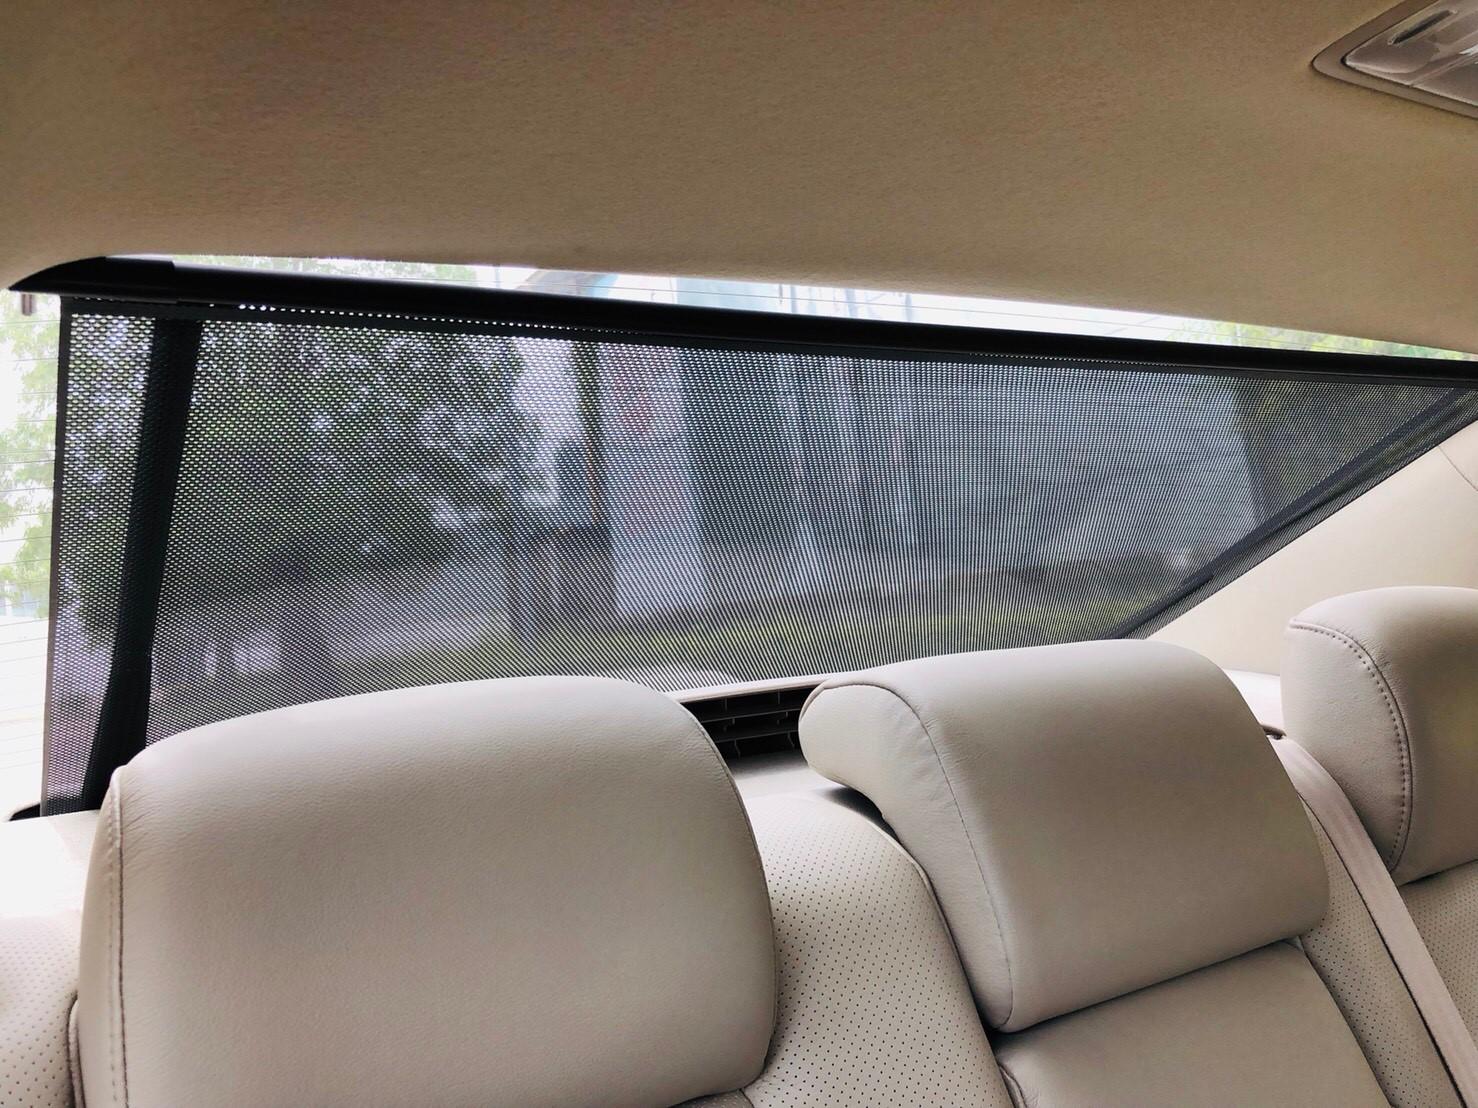 ภาพม่านหลัง โตโยต้า แคมรี่ไฮบริด 2.4 ปี 2012